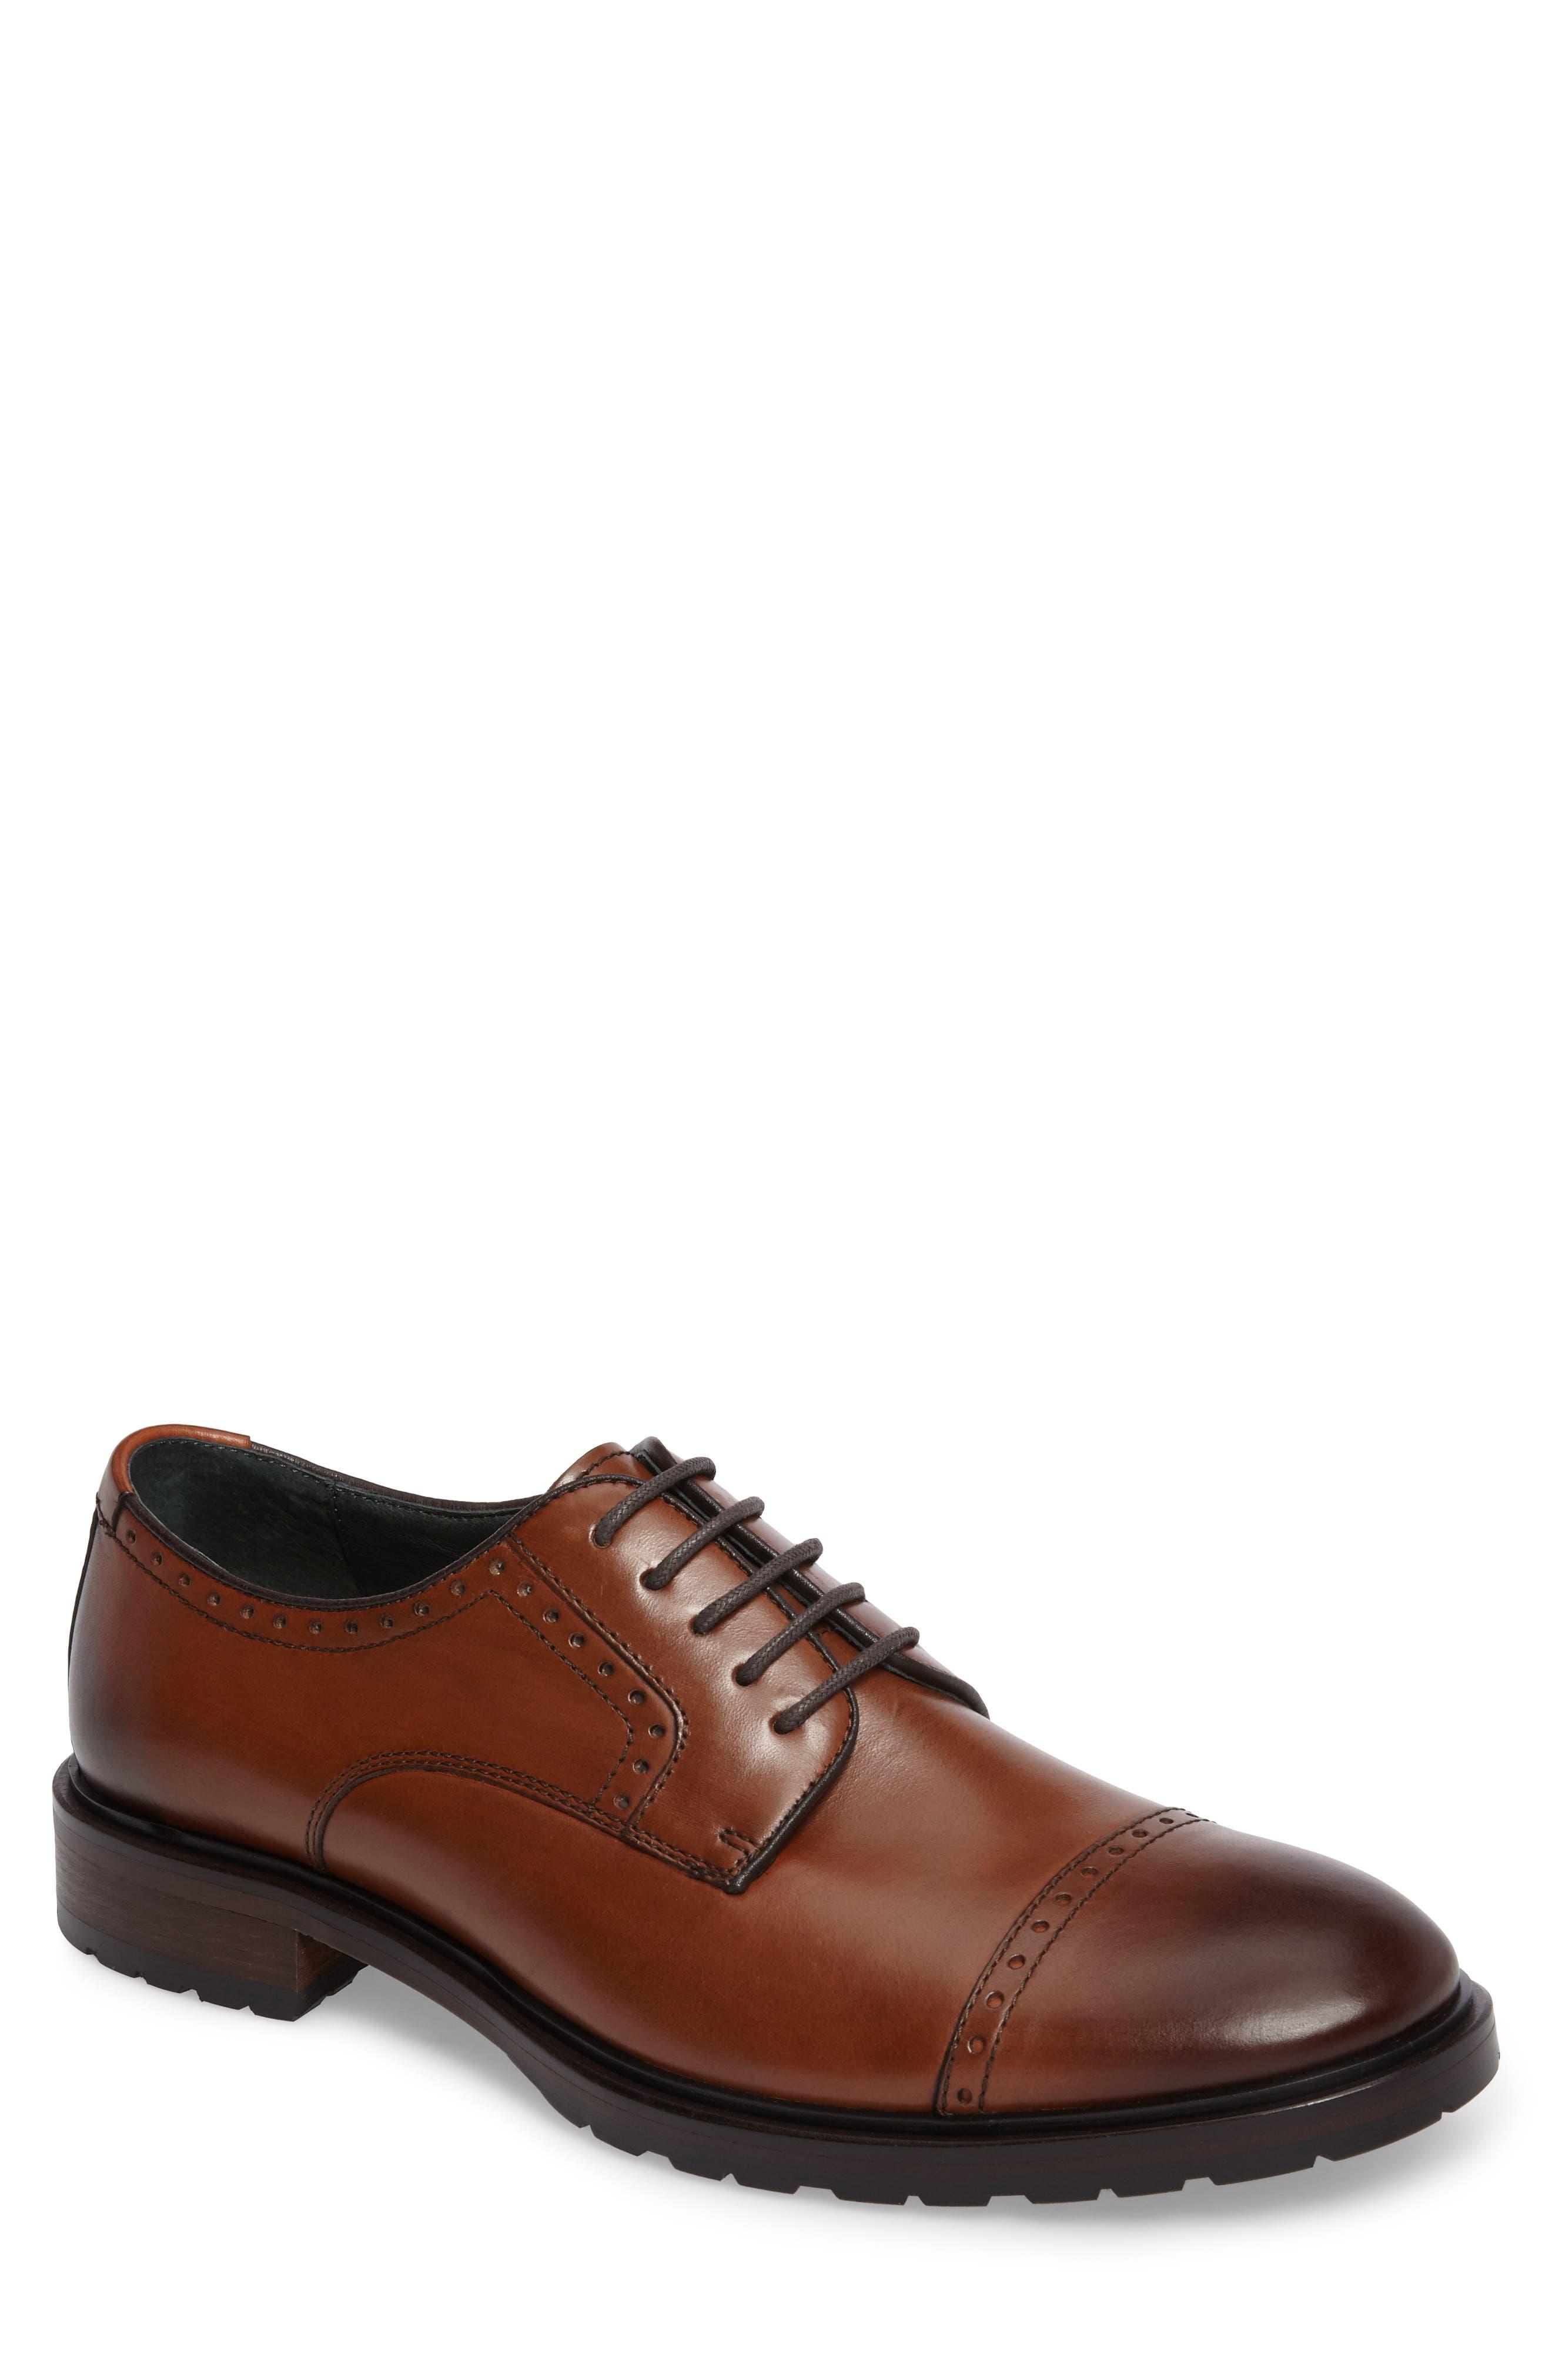 Myles Cap Toe Derby,                             Main thumbnail 1, color,                             Dark Cognac Leather